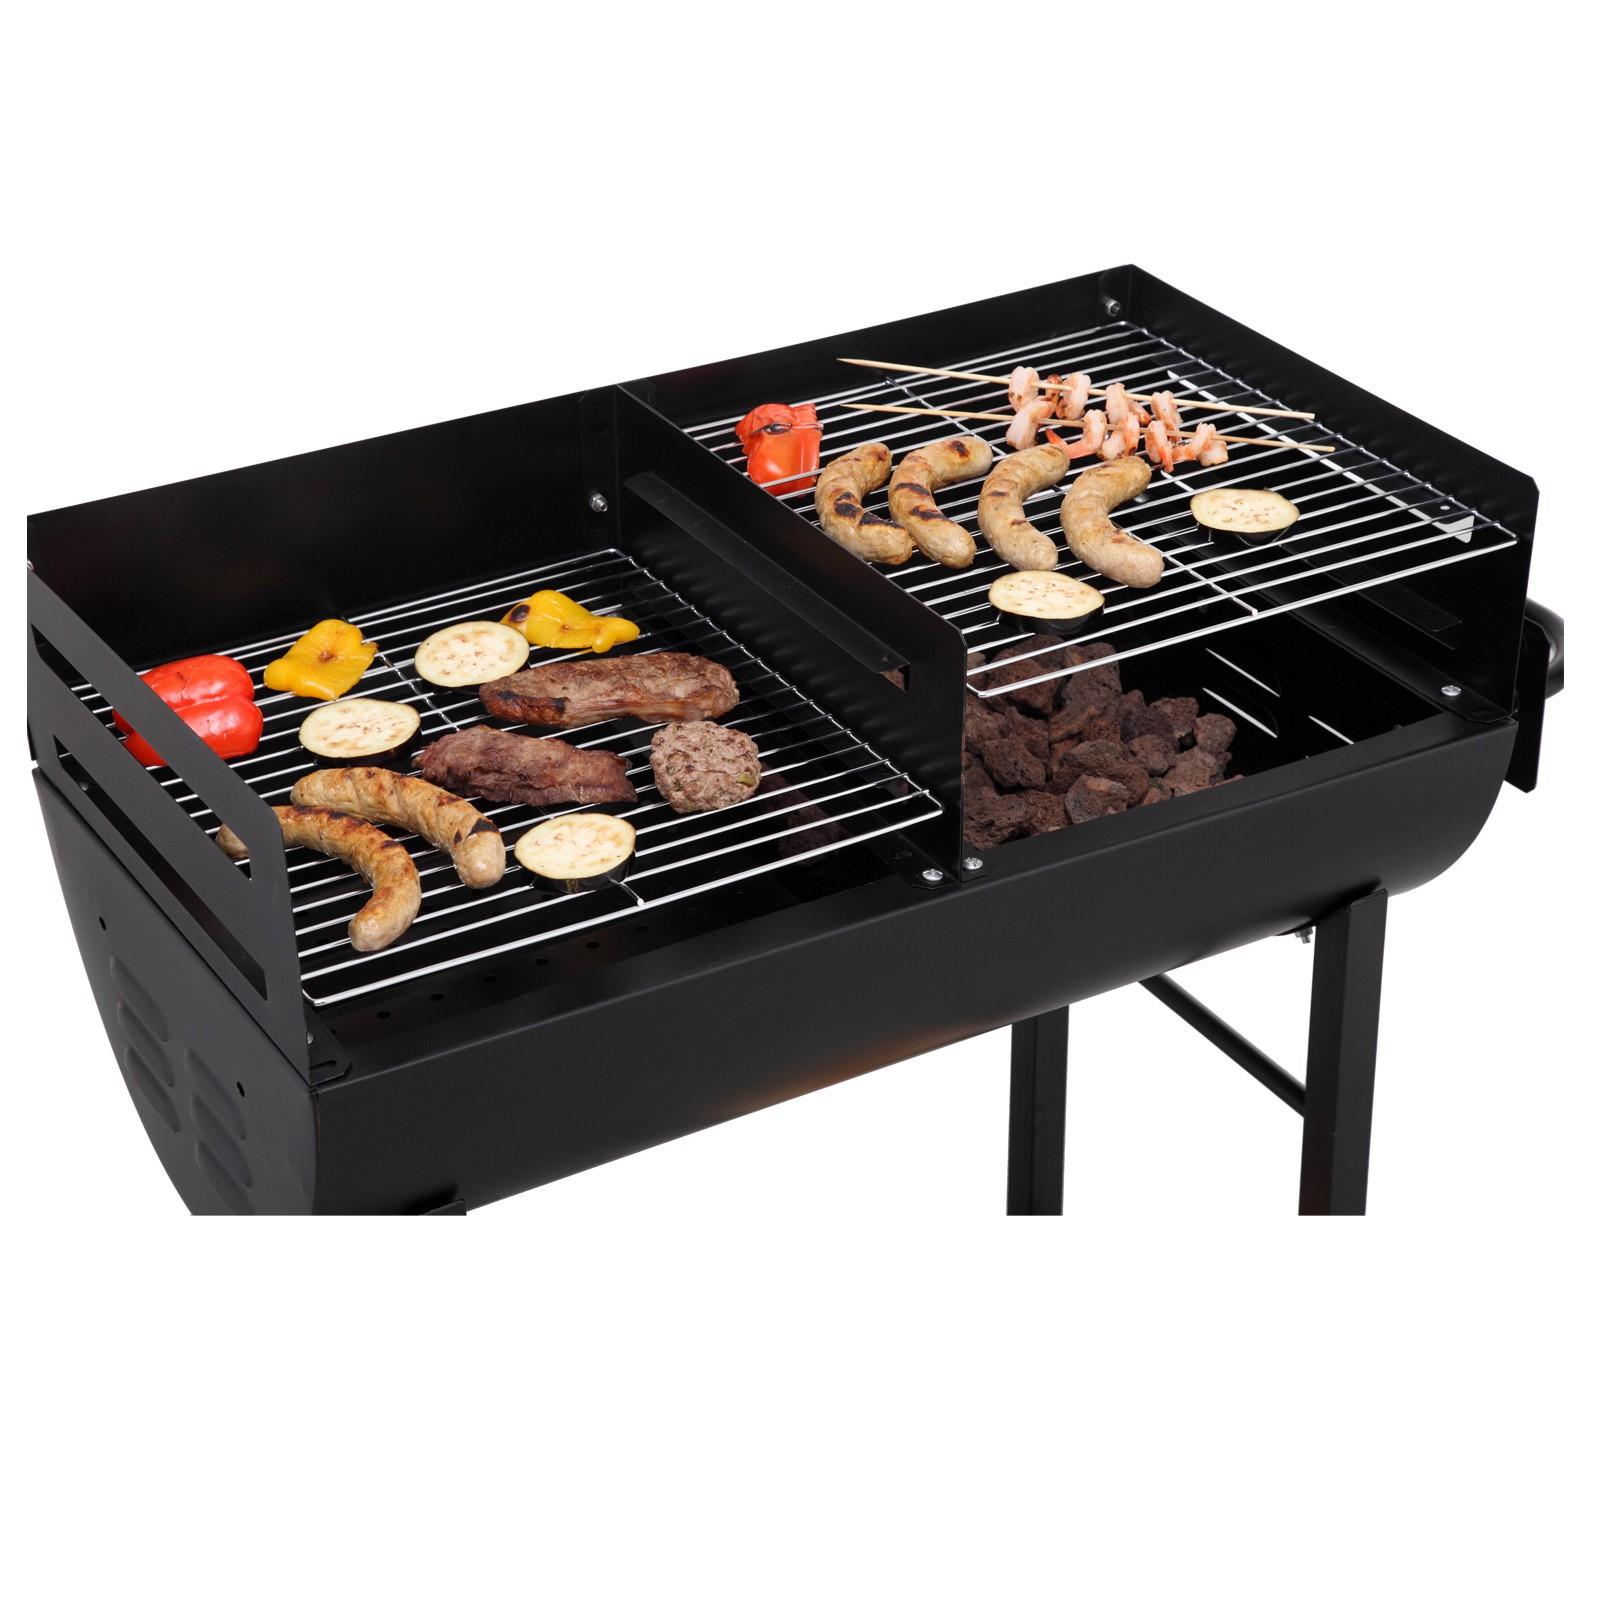 tepro holzkohlengrill grillfass grillwagen kohlengrill lfassgrill grill detroit. Black Bedroom Furniture Sets. Home Design Ideas